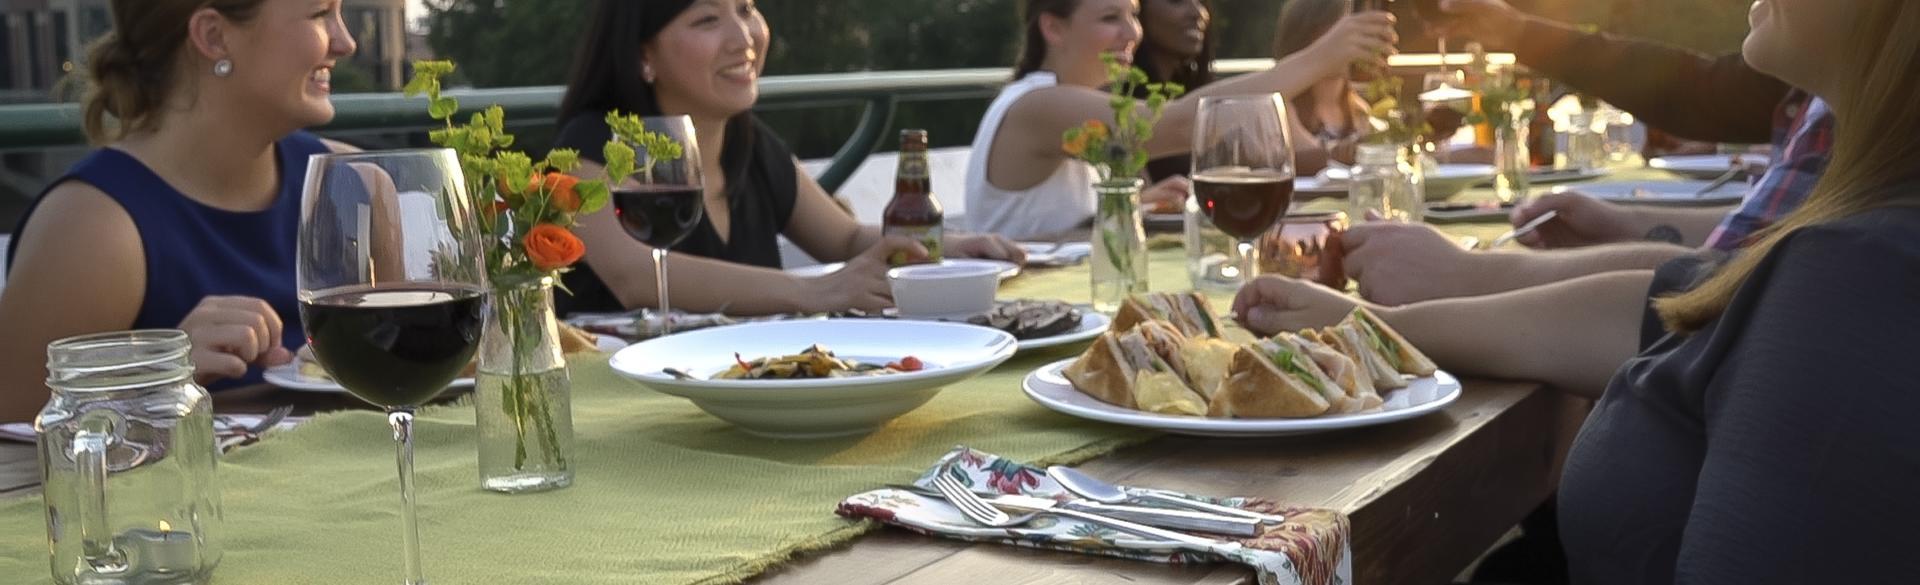 Biteseeing dining on Gillette bridge